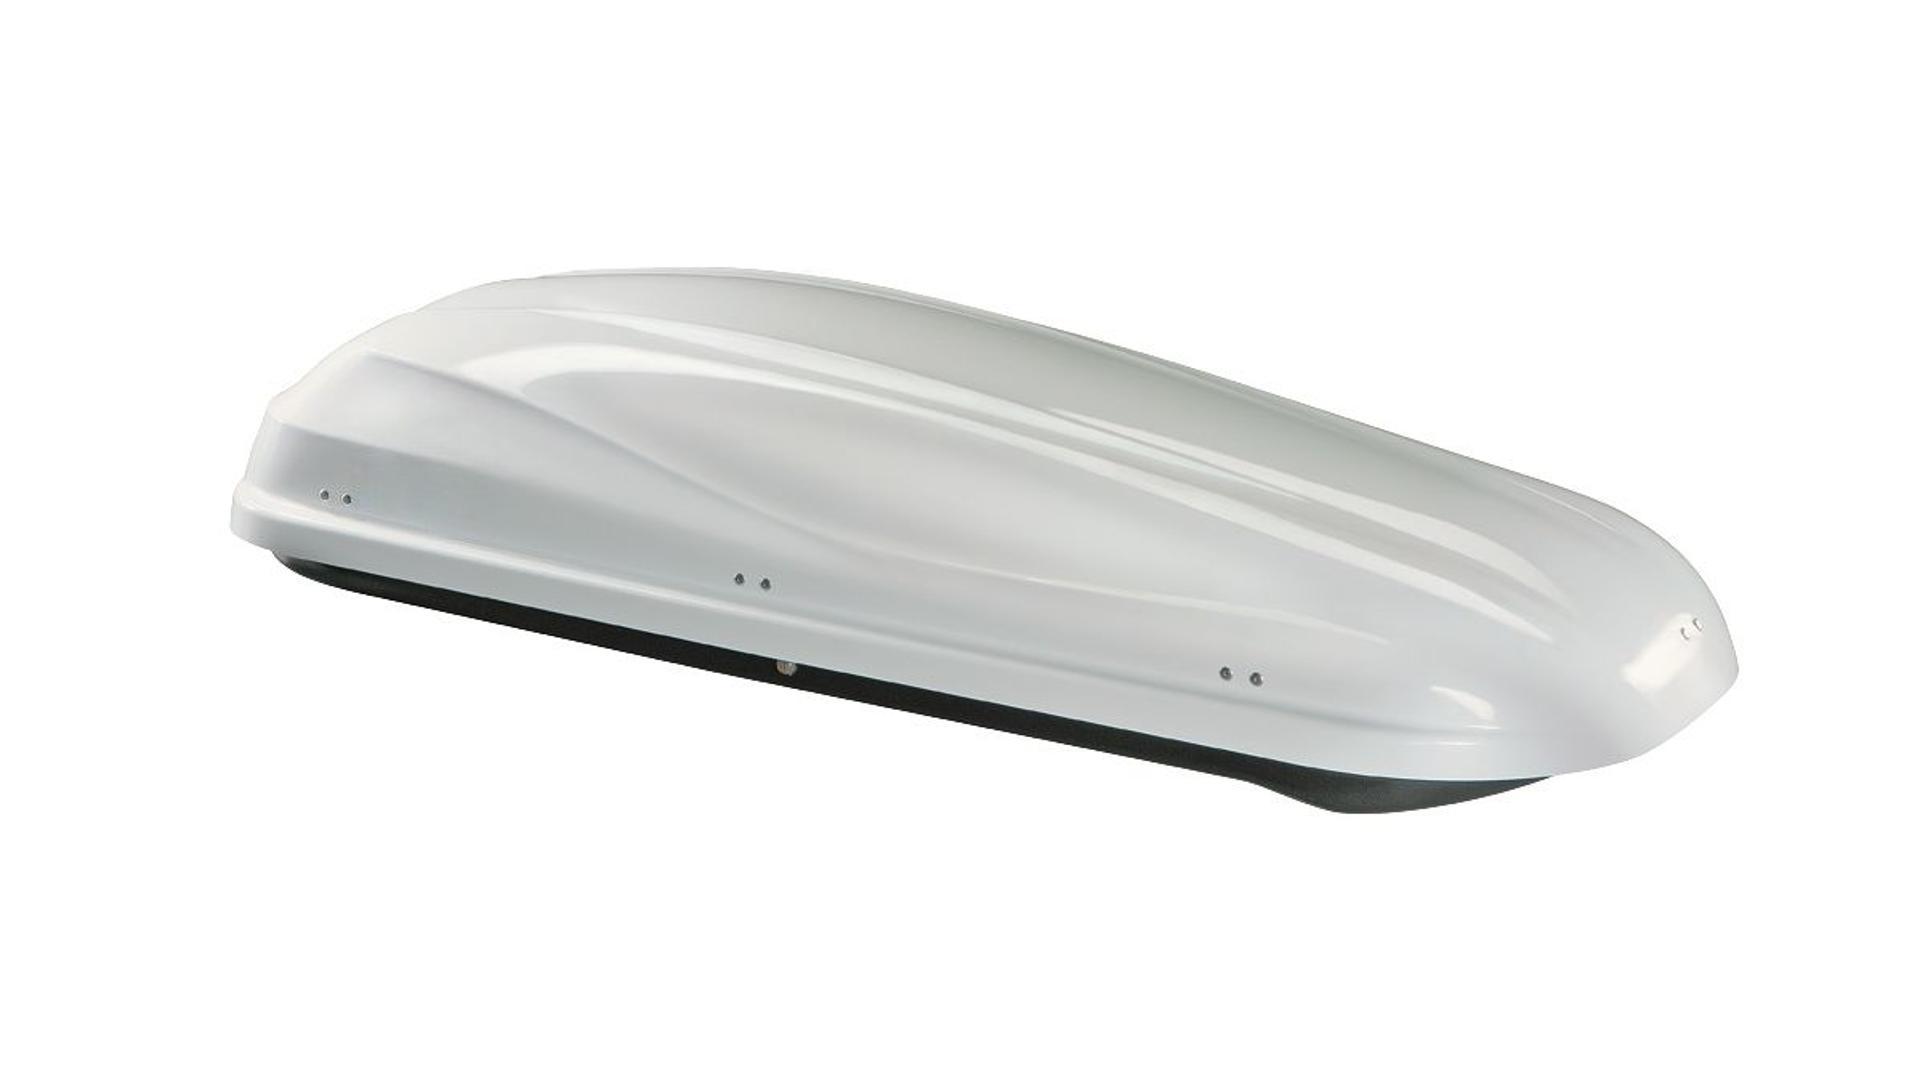 Taurus střešní box Altro 460 (185x80x41) 460 l.- biely (obojstranne otevíratelný)